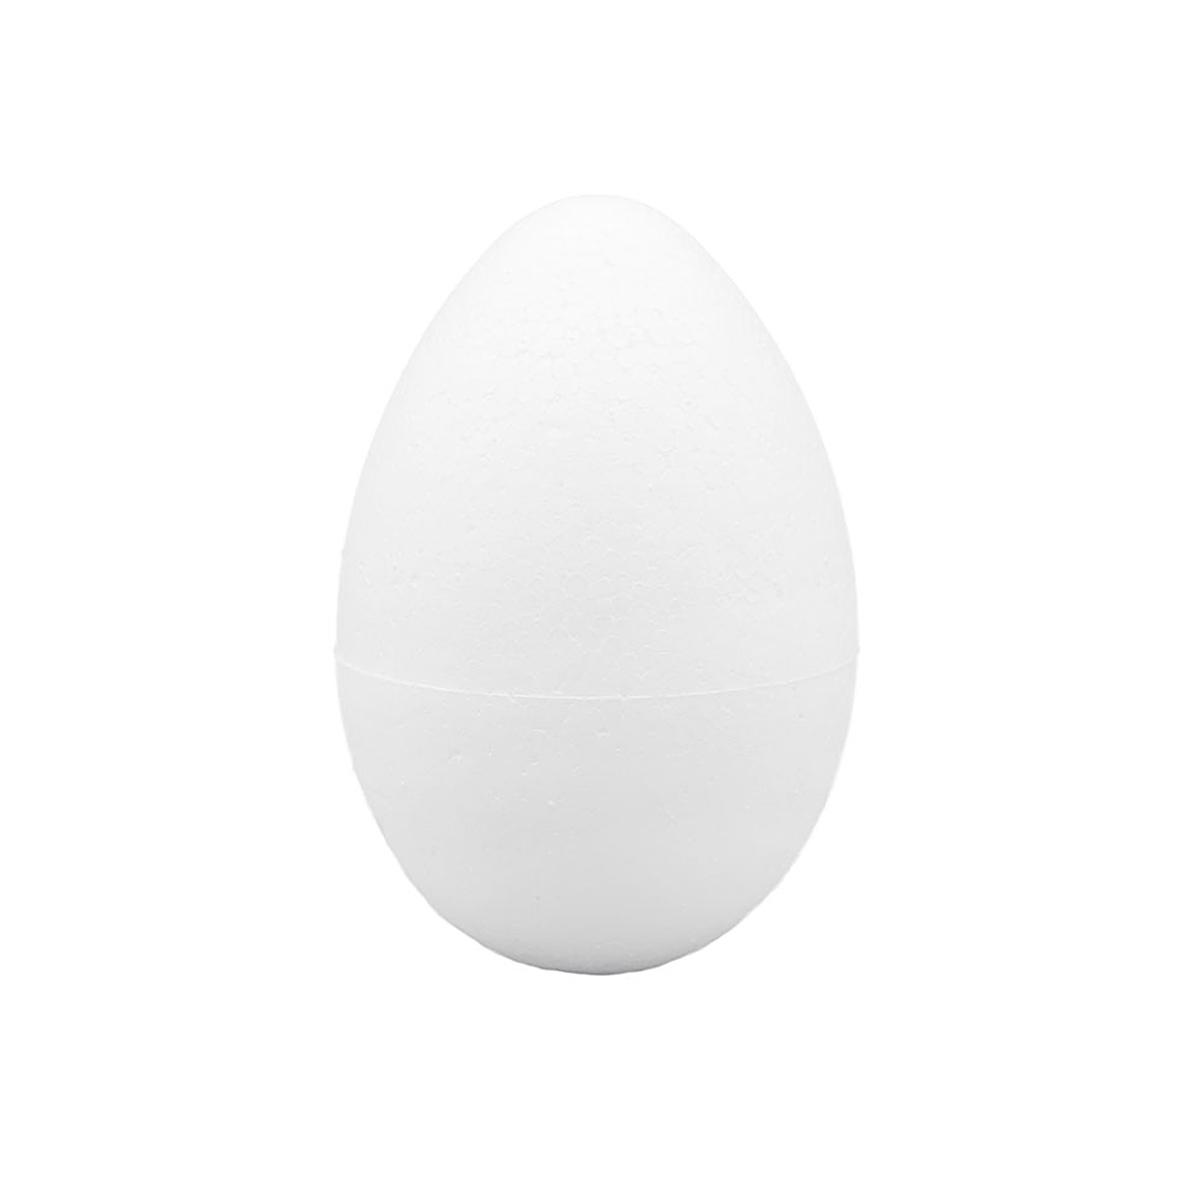 """Заготовка для декорирования из пенопласта """"Яйцо"""" h 60хd 40мм."""